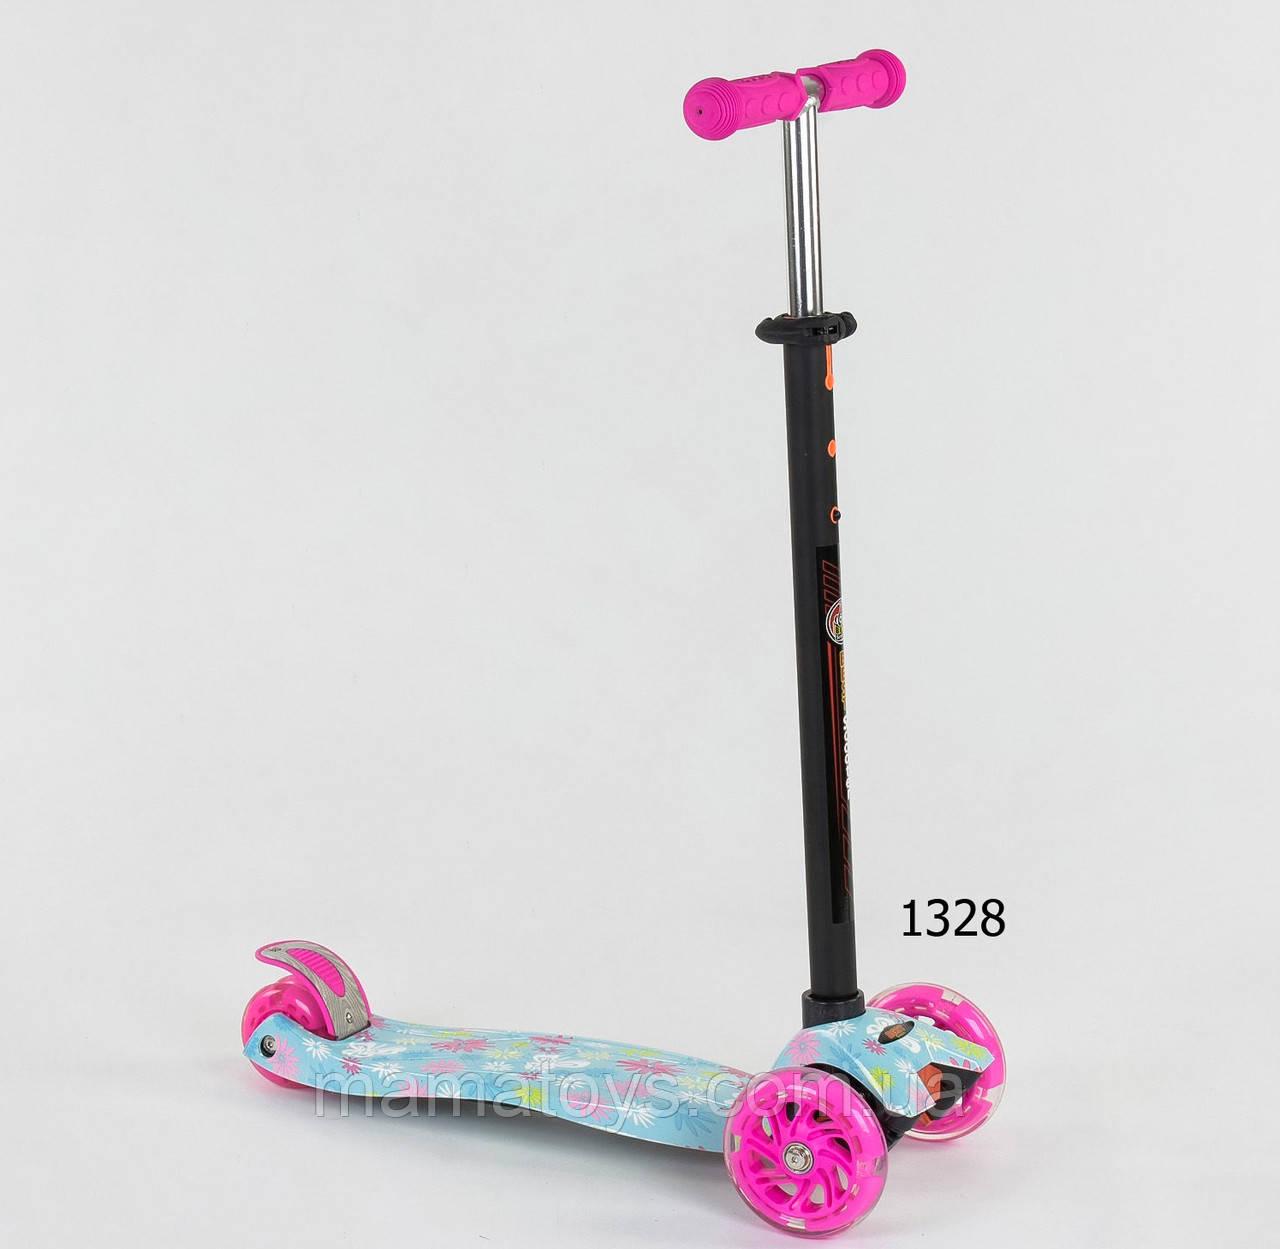 Детский трехколесный Самокат А 25530 /779-1328 Best Scooter Макси 4 кол. PU, светятся